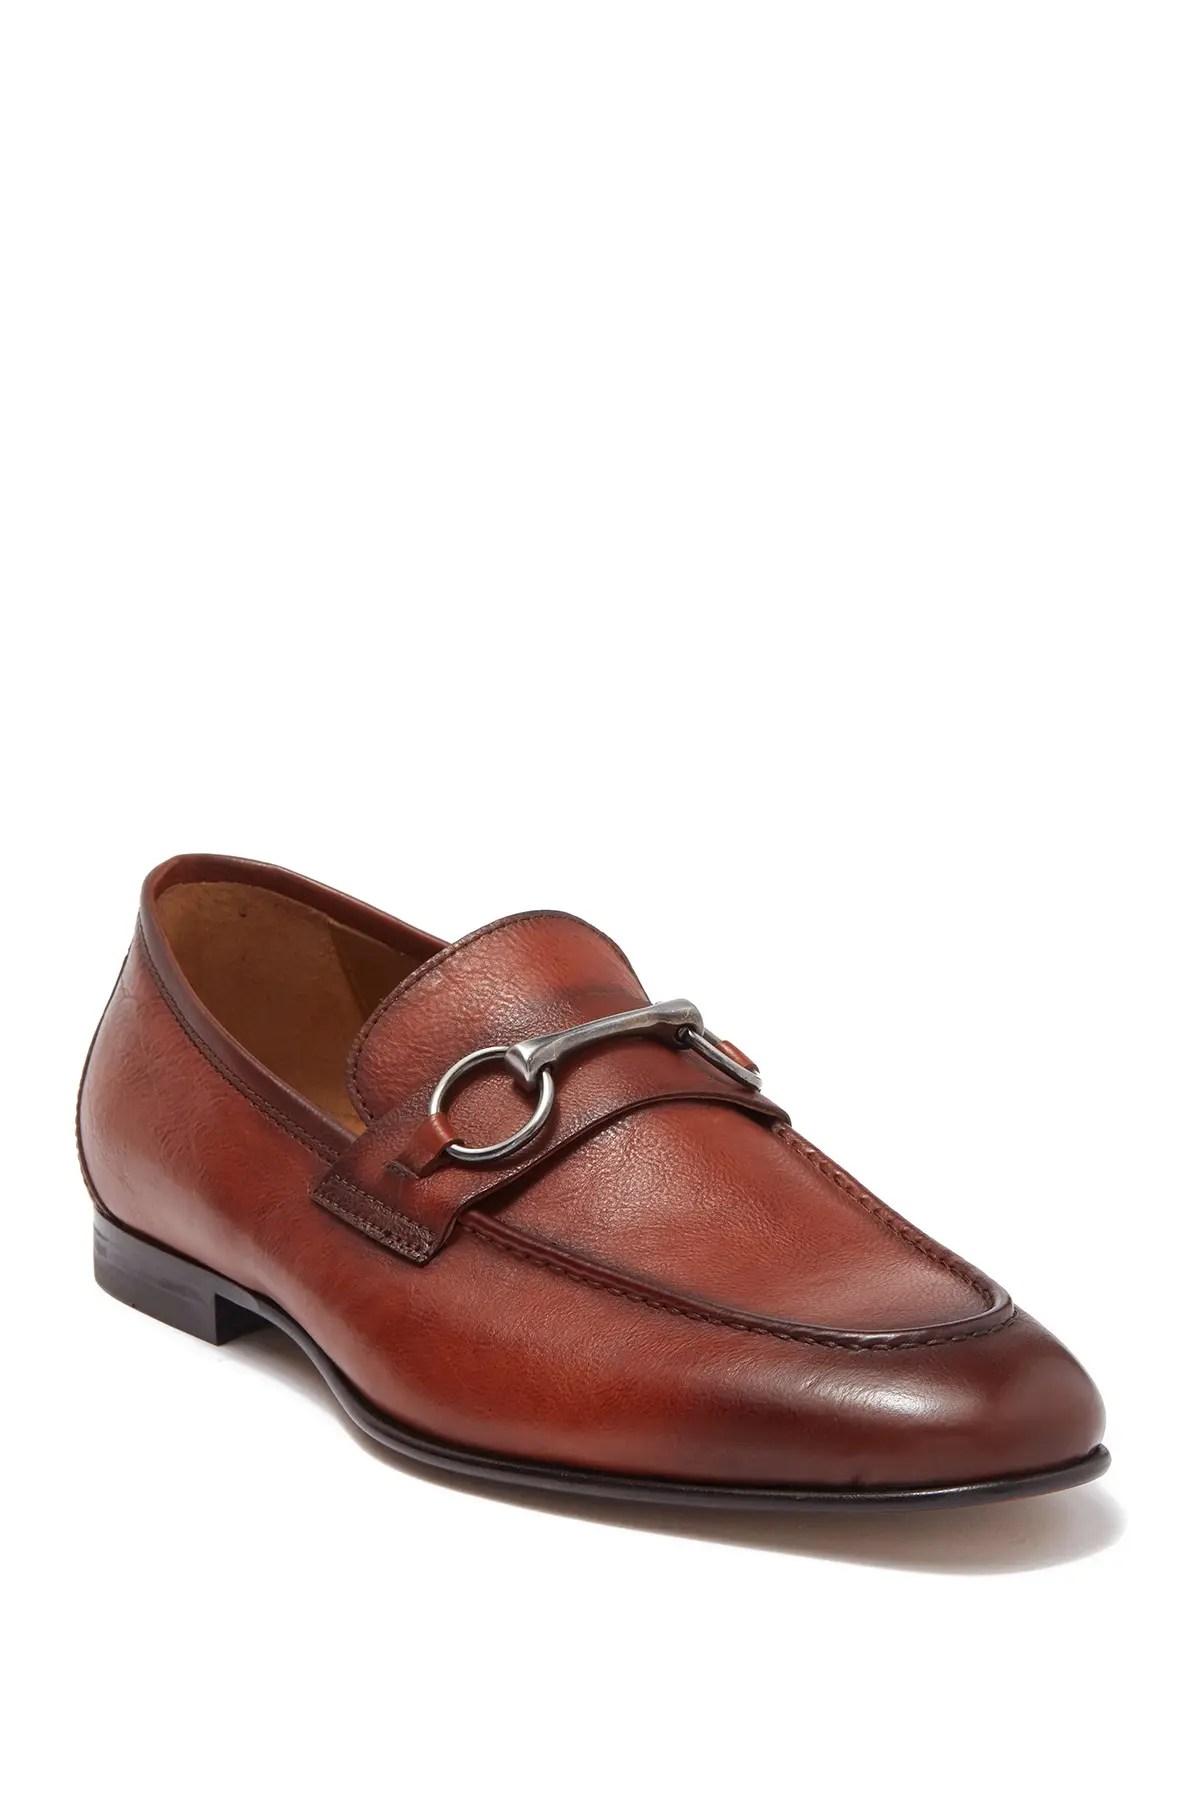 men s slip on shoes nordstrom rack